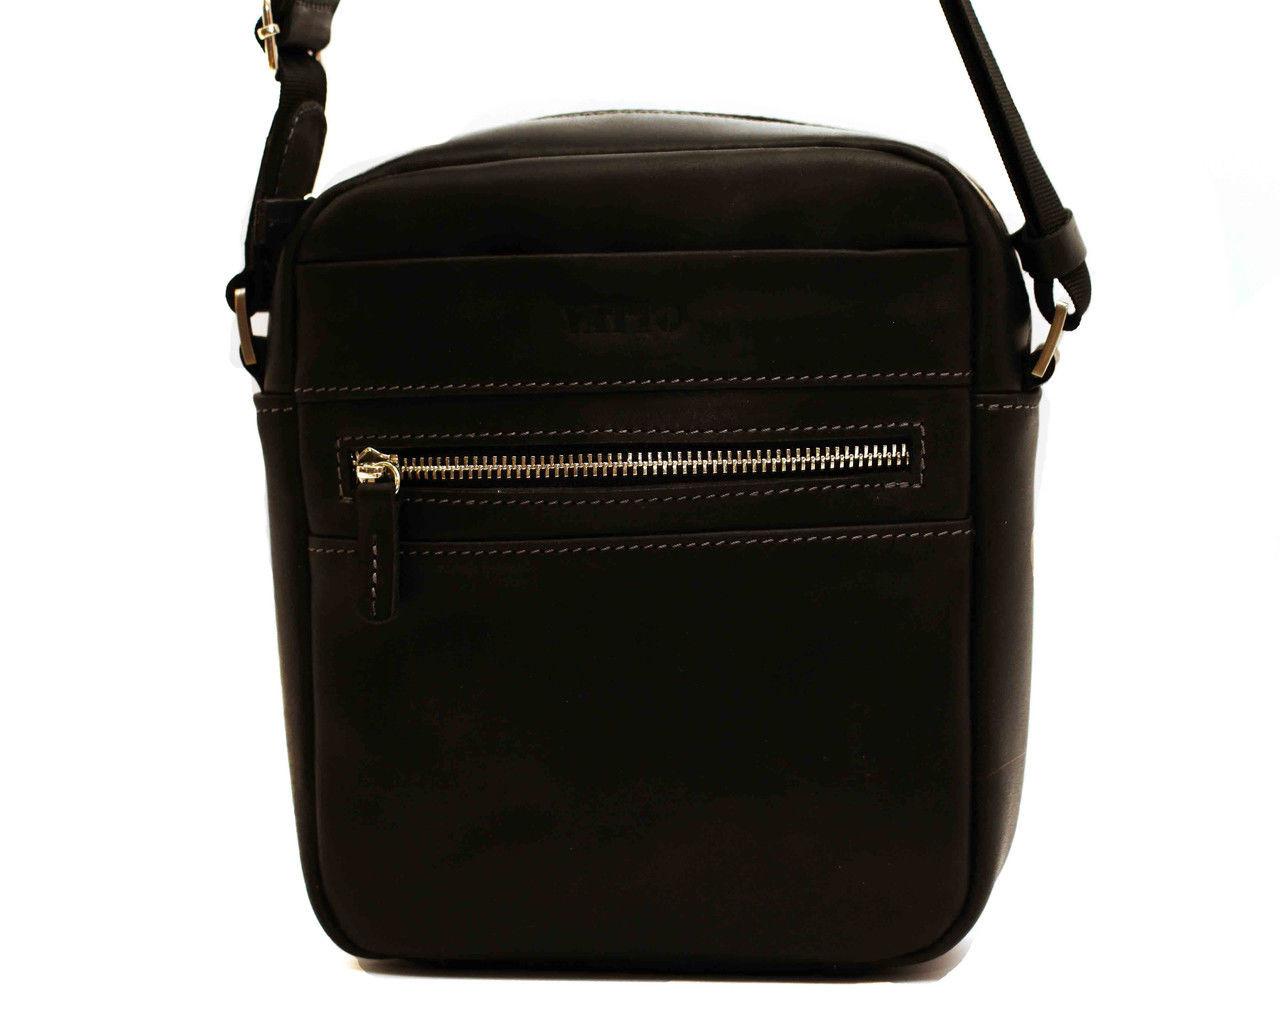 3ec823019813 Мужская сумка MK46Кaz670 VATTO кожаная черная — купить в Киеве недорого